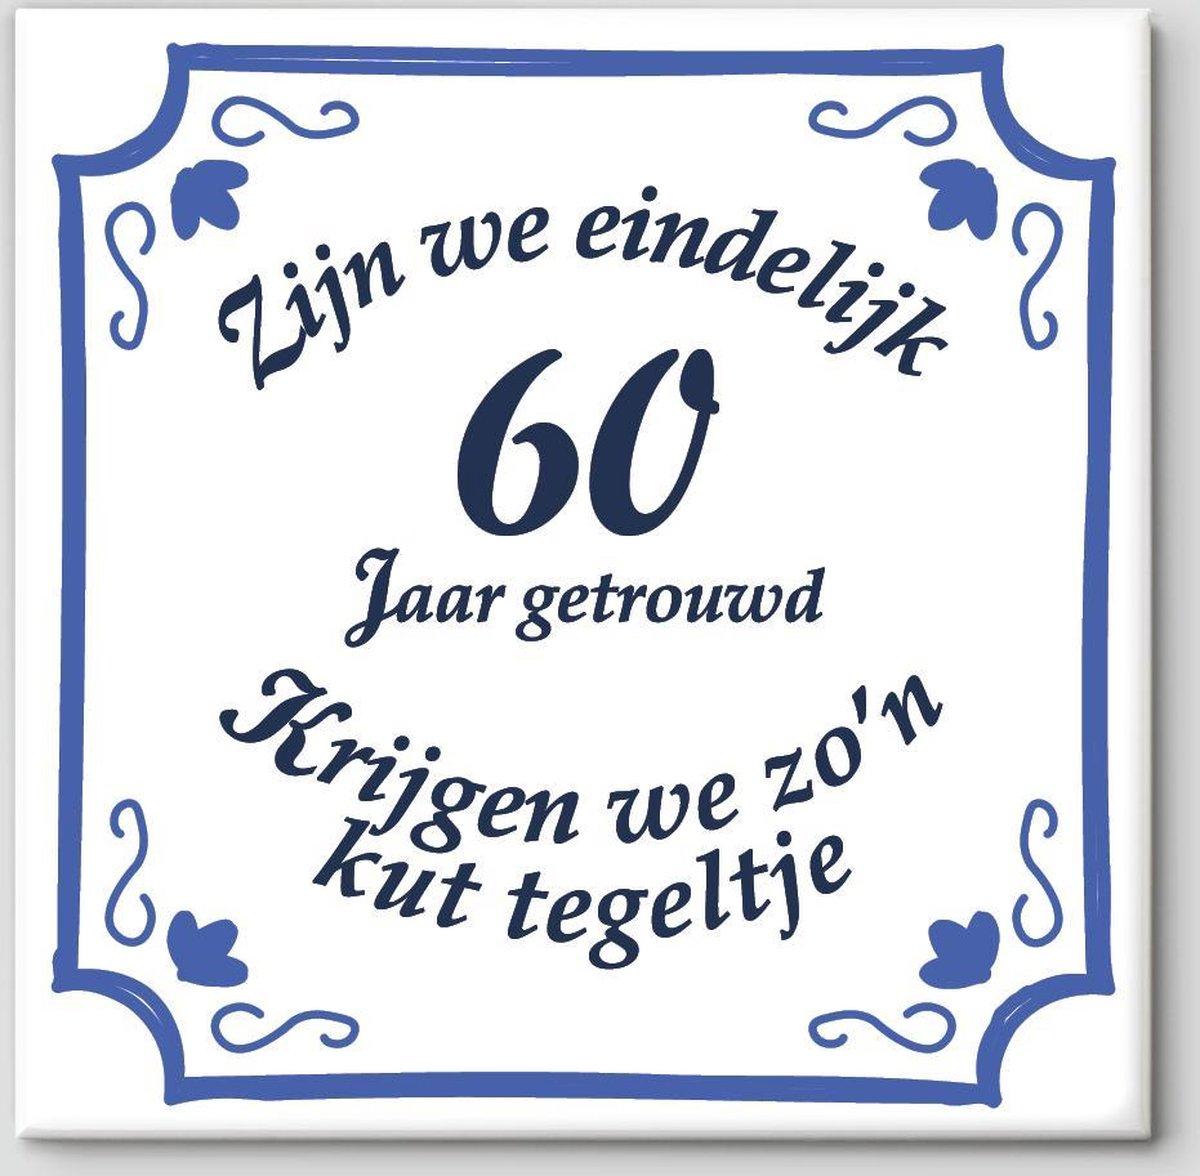 Huwelijk cadeau | Zijn we eindelijk 60 jaar getrouwd krijgen we zo'n kut tegeltje | Tegeltje spreuk 60 jaar getrouwd| Spreuktegels | Cadeau 60 jaar getrouwd